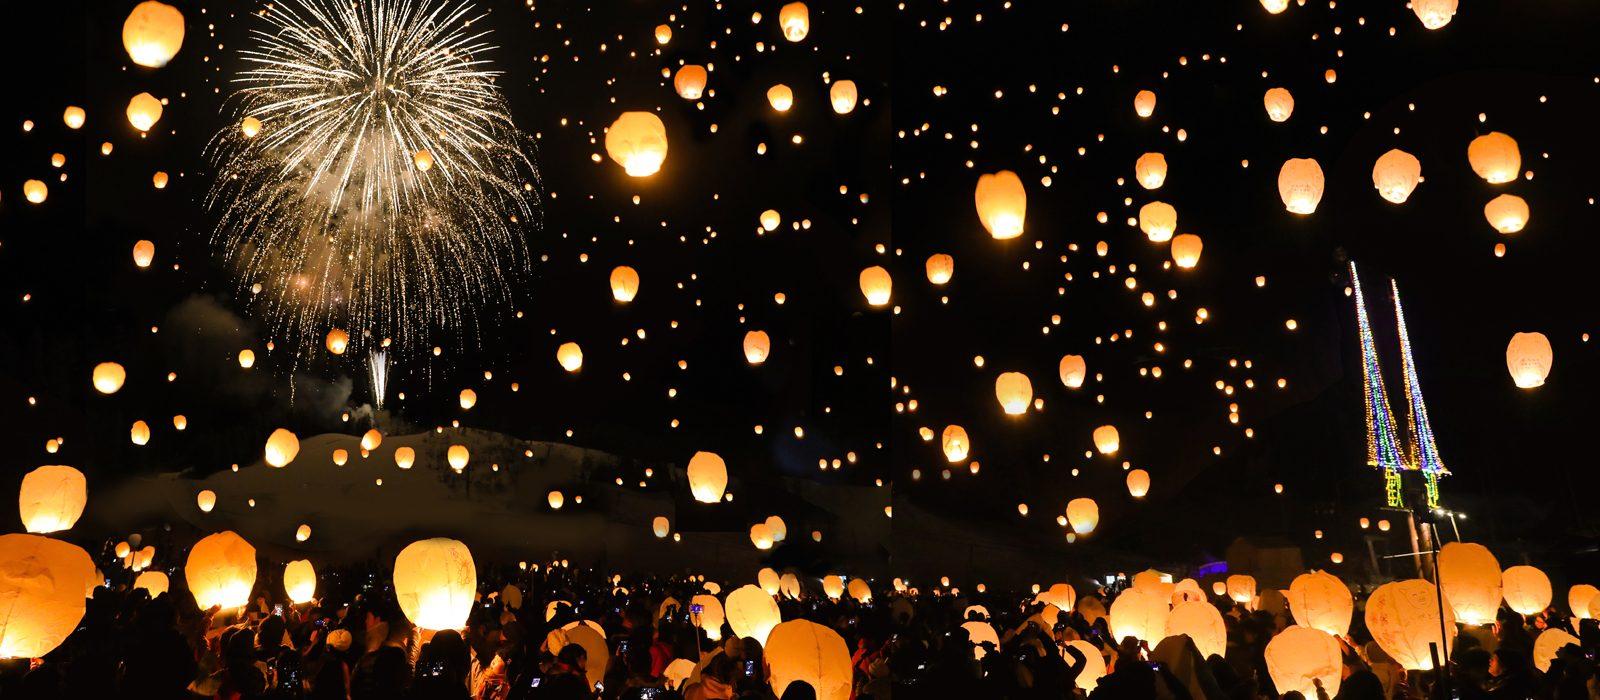 <!--幾千ものスカイランタンが皆の願いを天に運ぶ。 冬の夜空にゆっくり浮かぶ無数のスカイランタン、幻想的な時を体感ください。-->